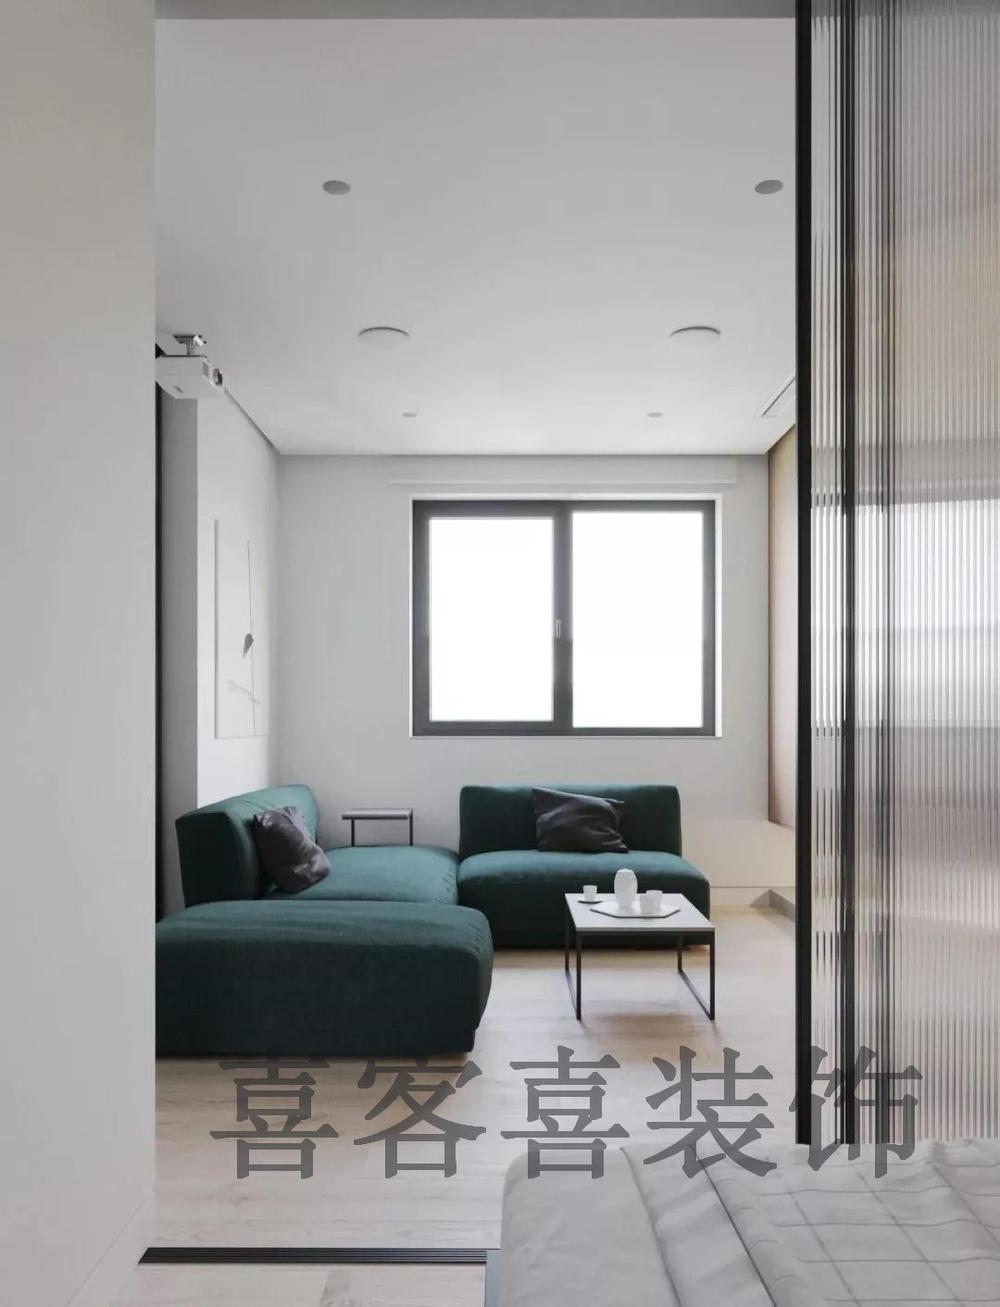 绿色齐家_50㎡极简小户型,超喜欢沙发的墨绿色~-齐家网